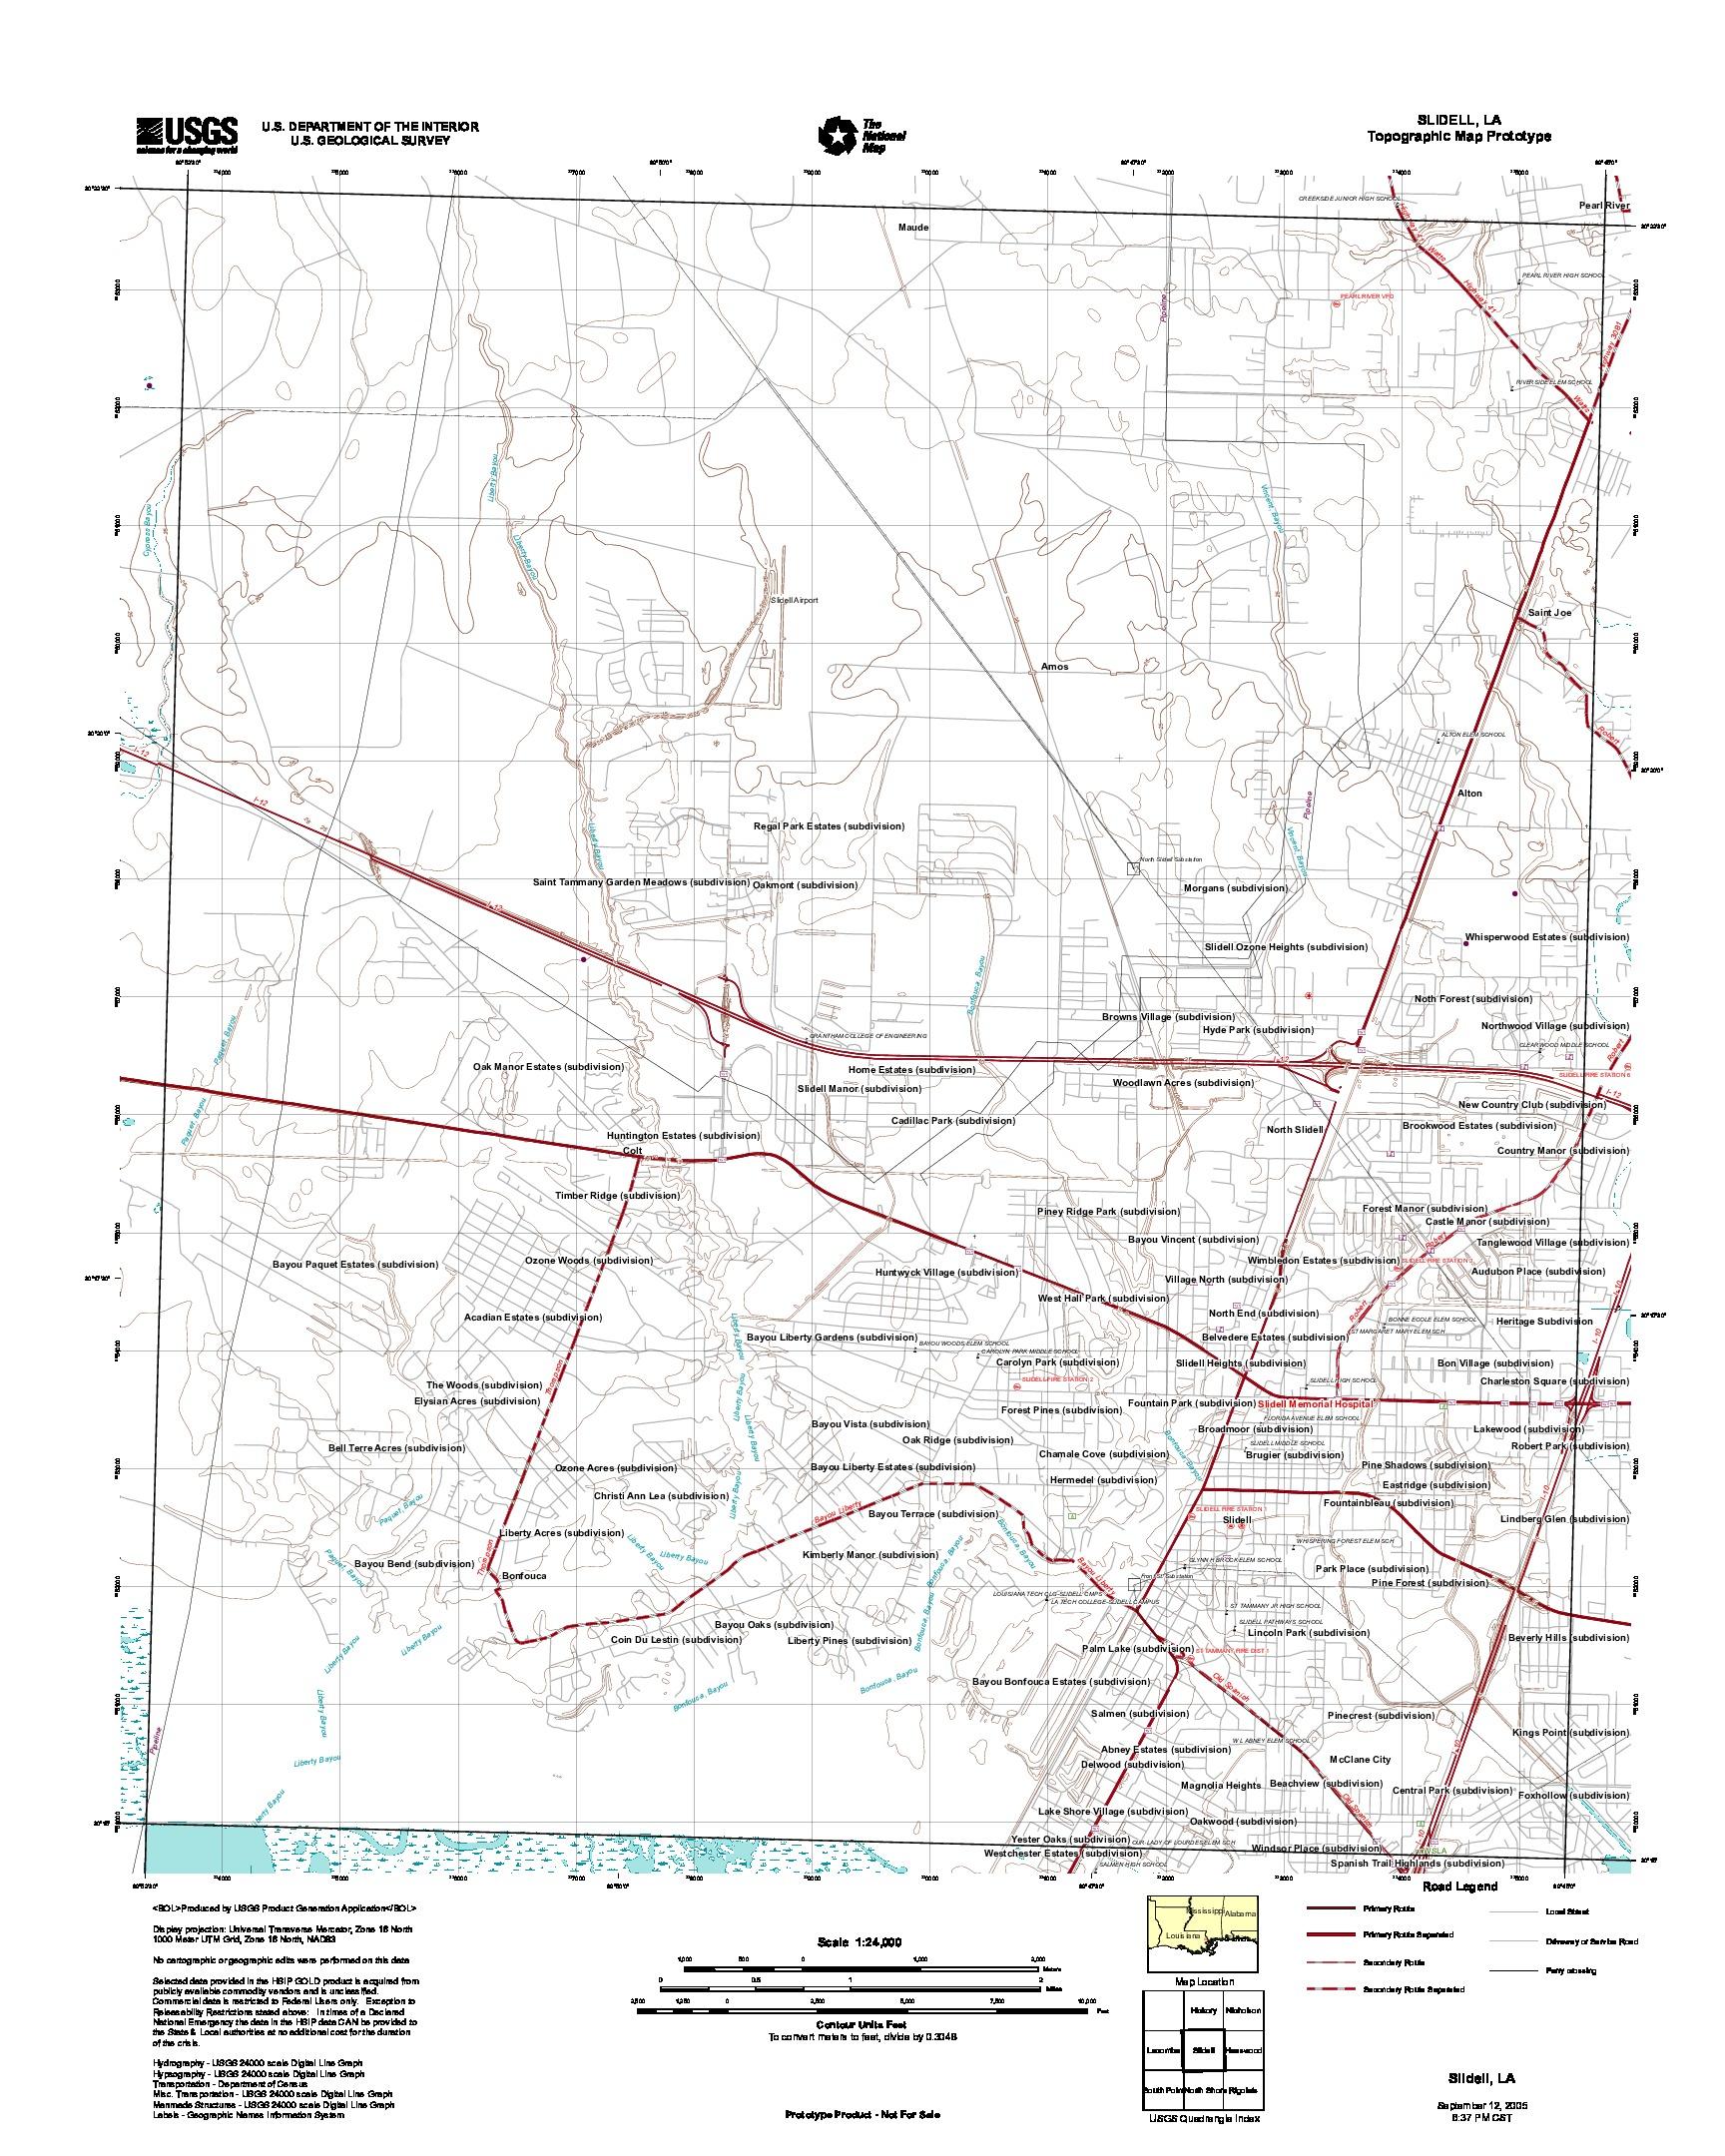 Prototipo de Mapa Topográfico de Slidell, Luisiana, Estados Unidos, Septiembre 12, 2005